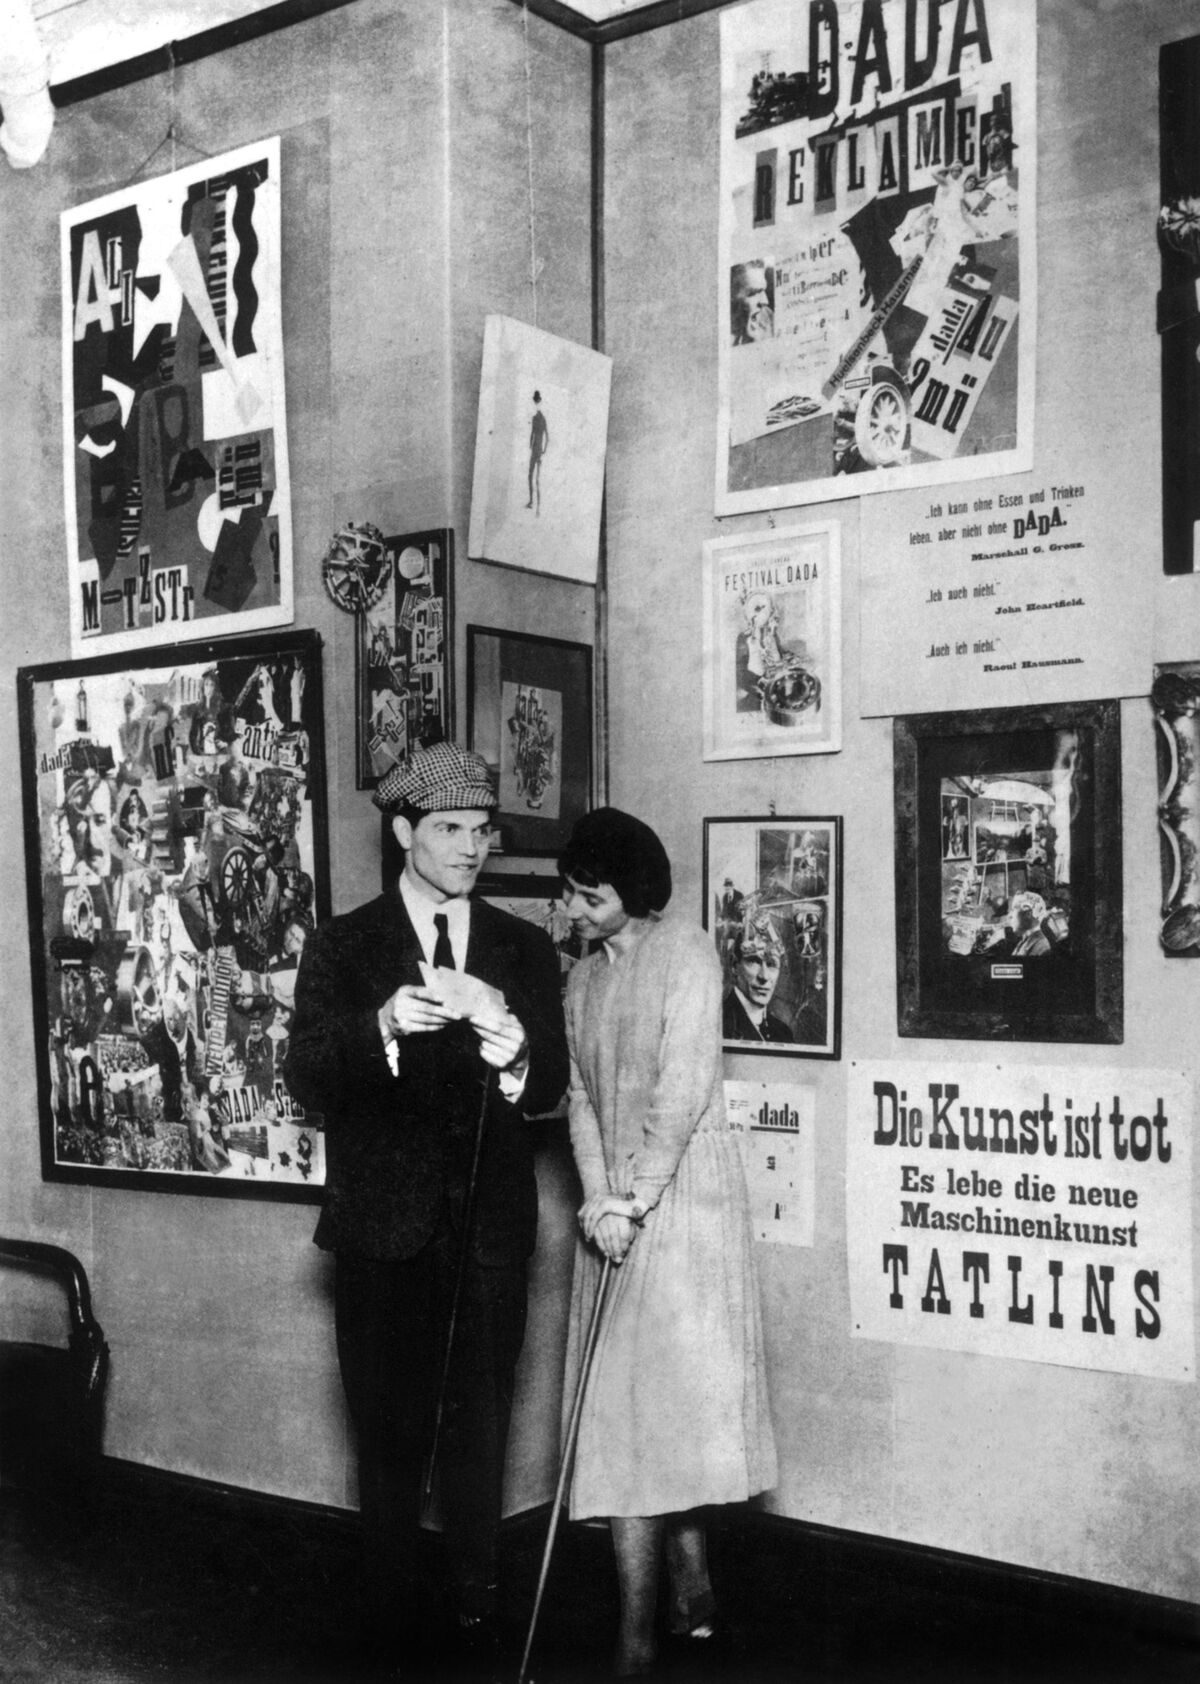 Raoul Hausmann y Hannah Höch en la Feria Internacional de Dada en Berlín, 1920. Foto por Apic / Getty Images.